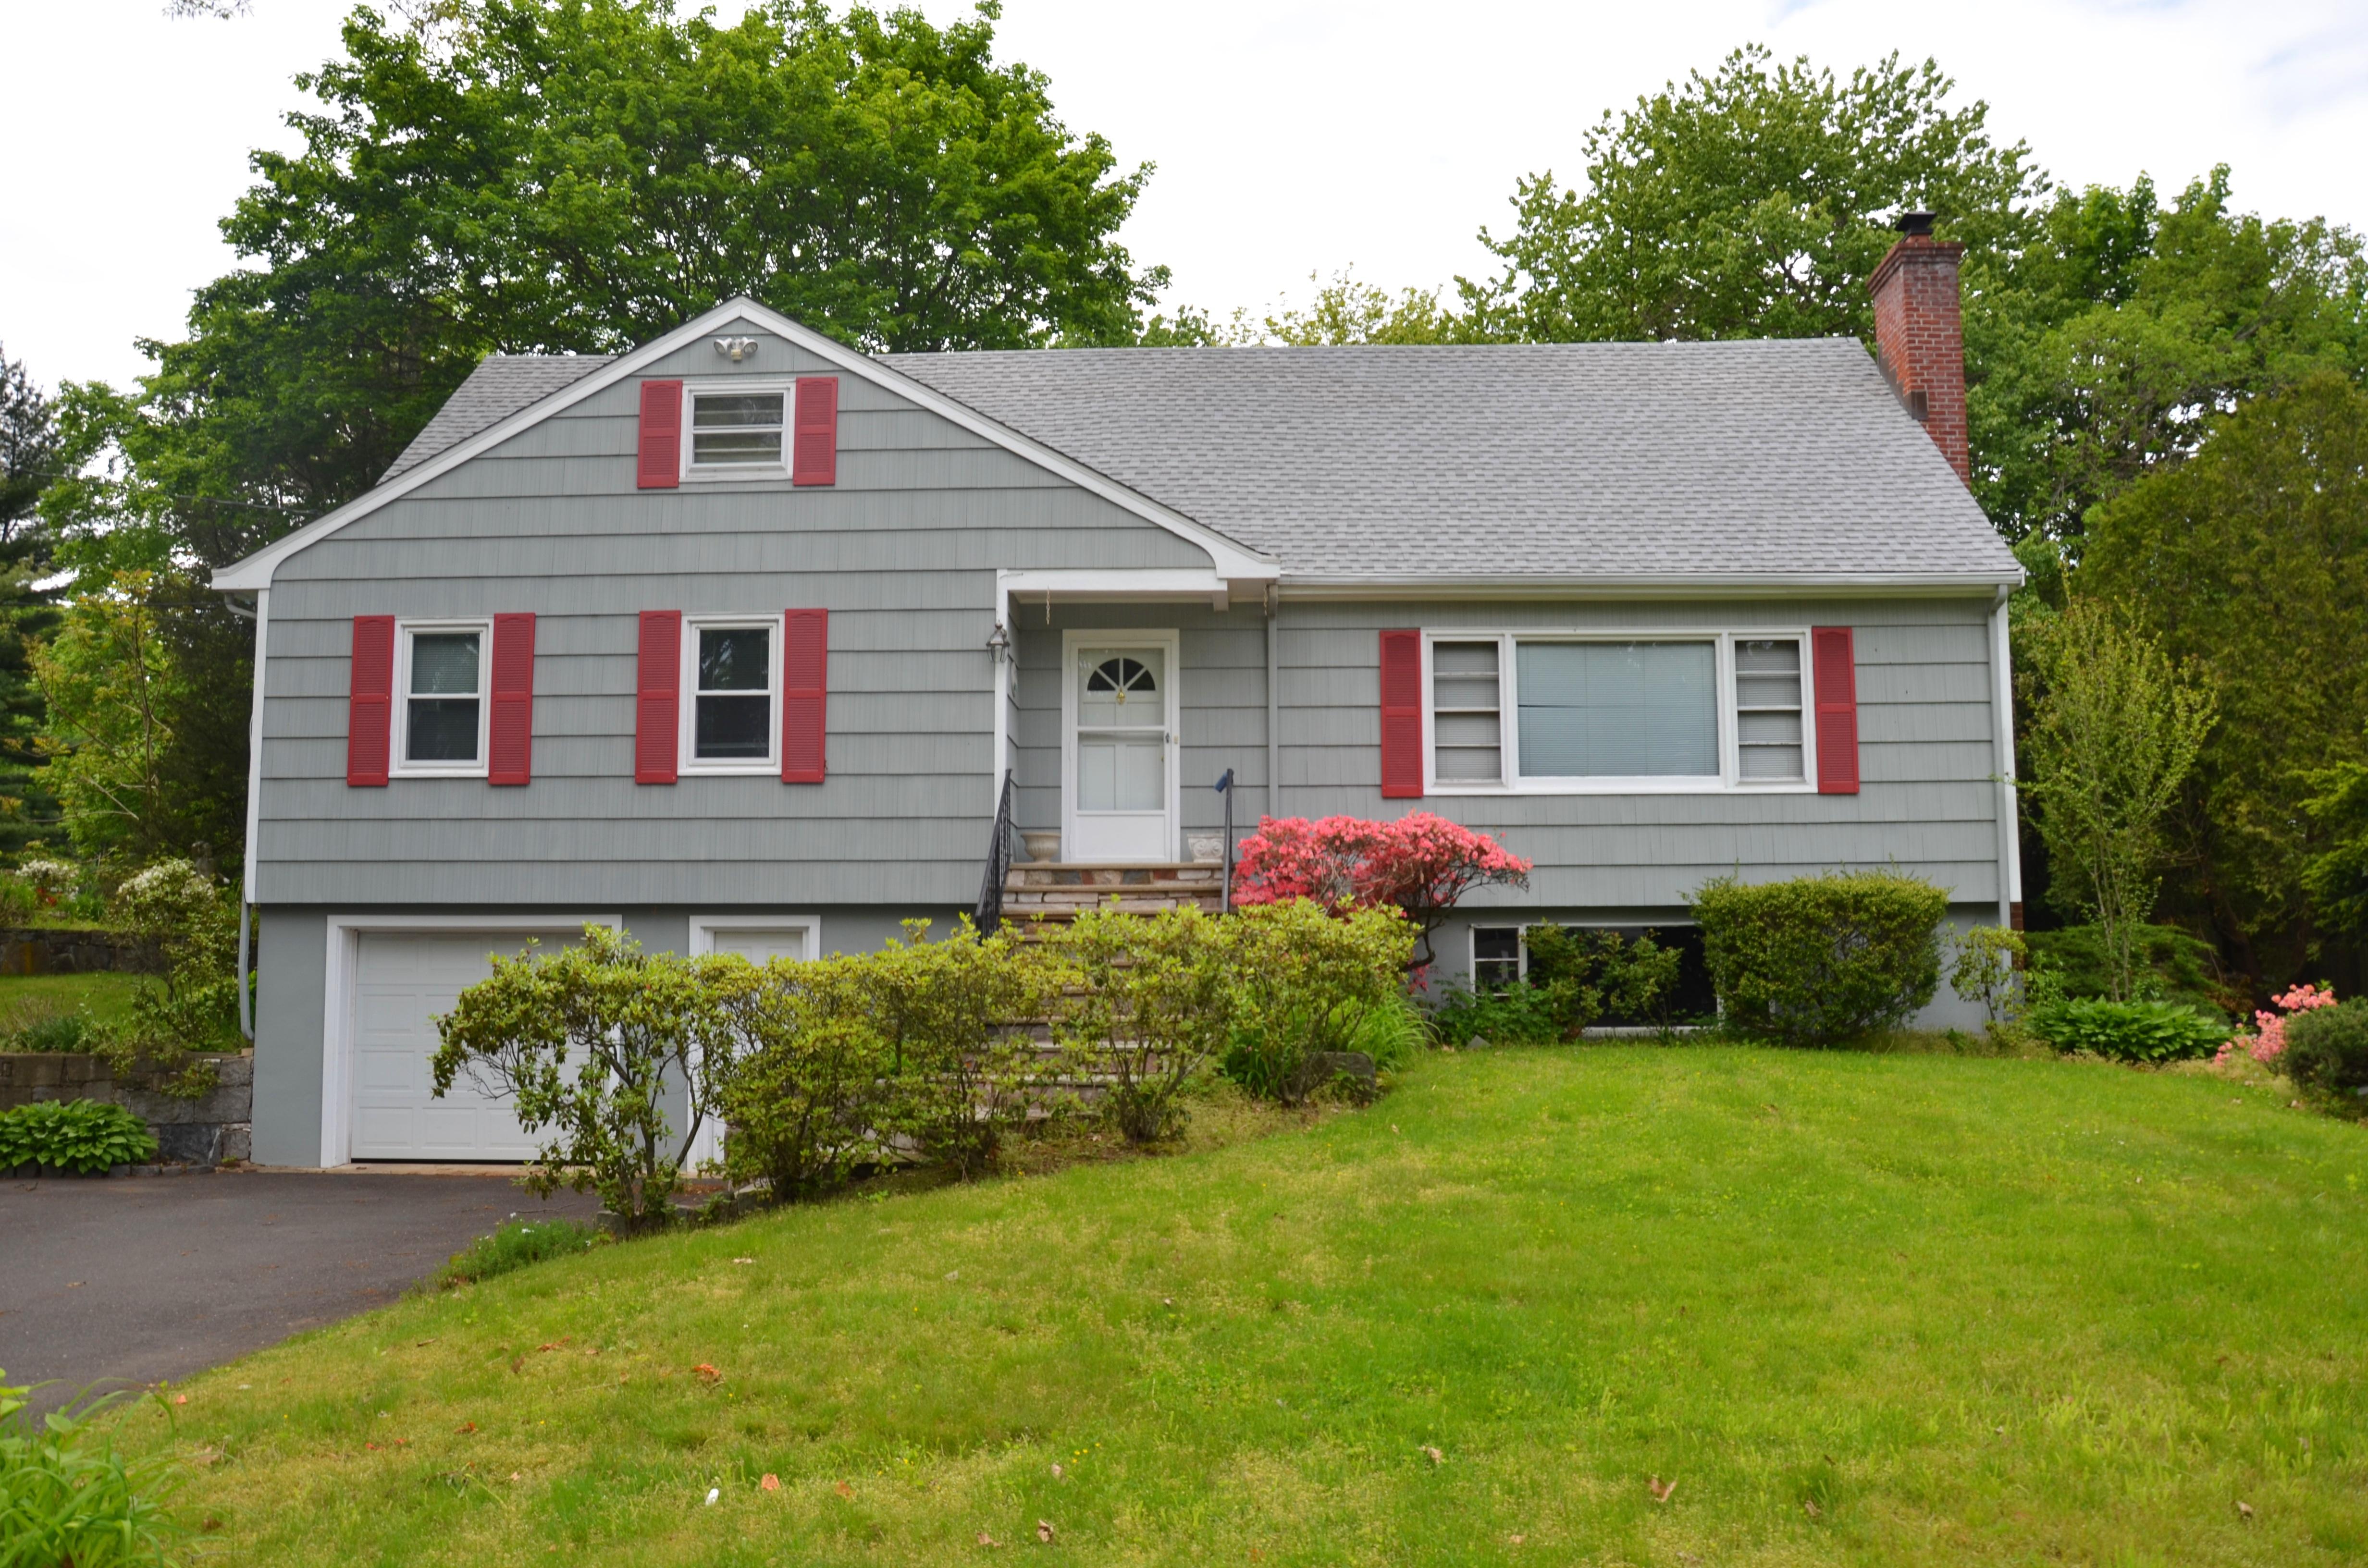 Maison unifamiliale pour l Vente à Much Larger than it Appears 3 Gillies Lane Norwalk, Connecticut, 06854 États-Unis